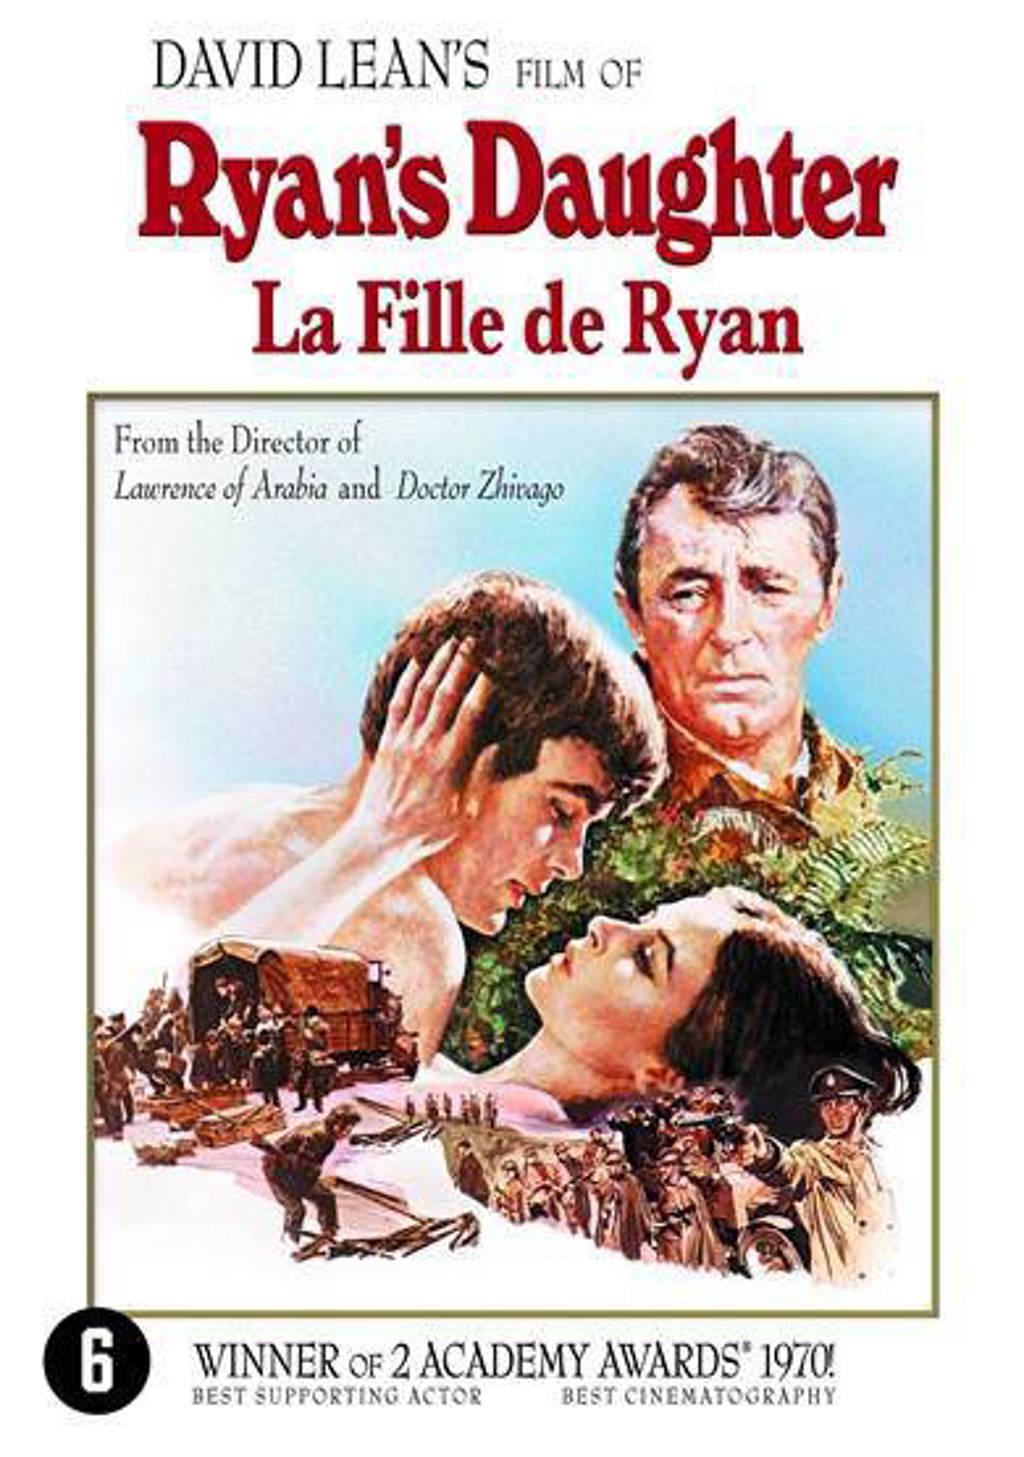 Ryan's daughter (DVD)